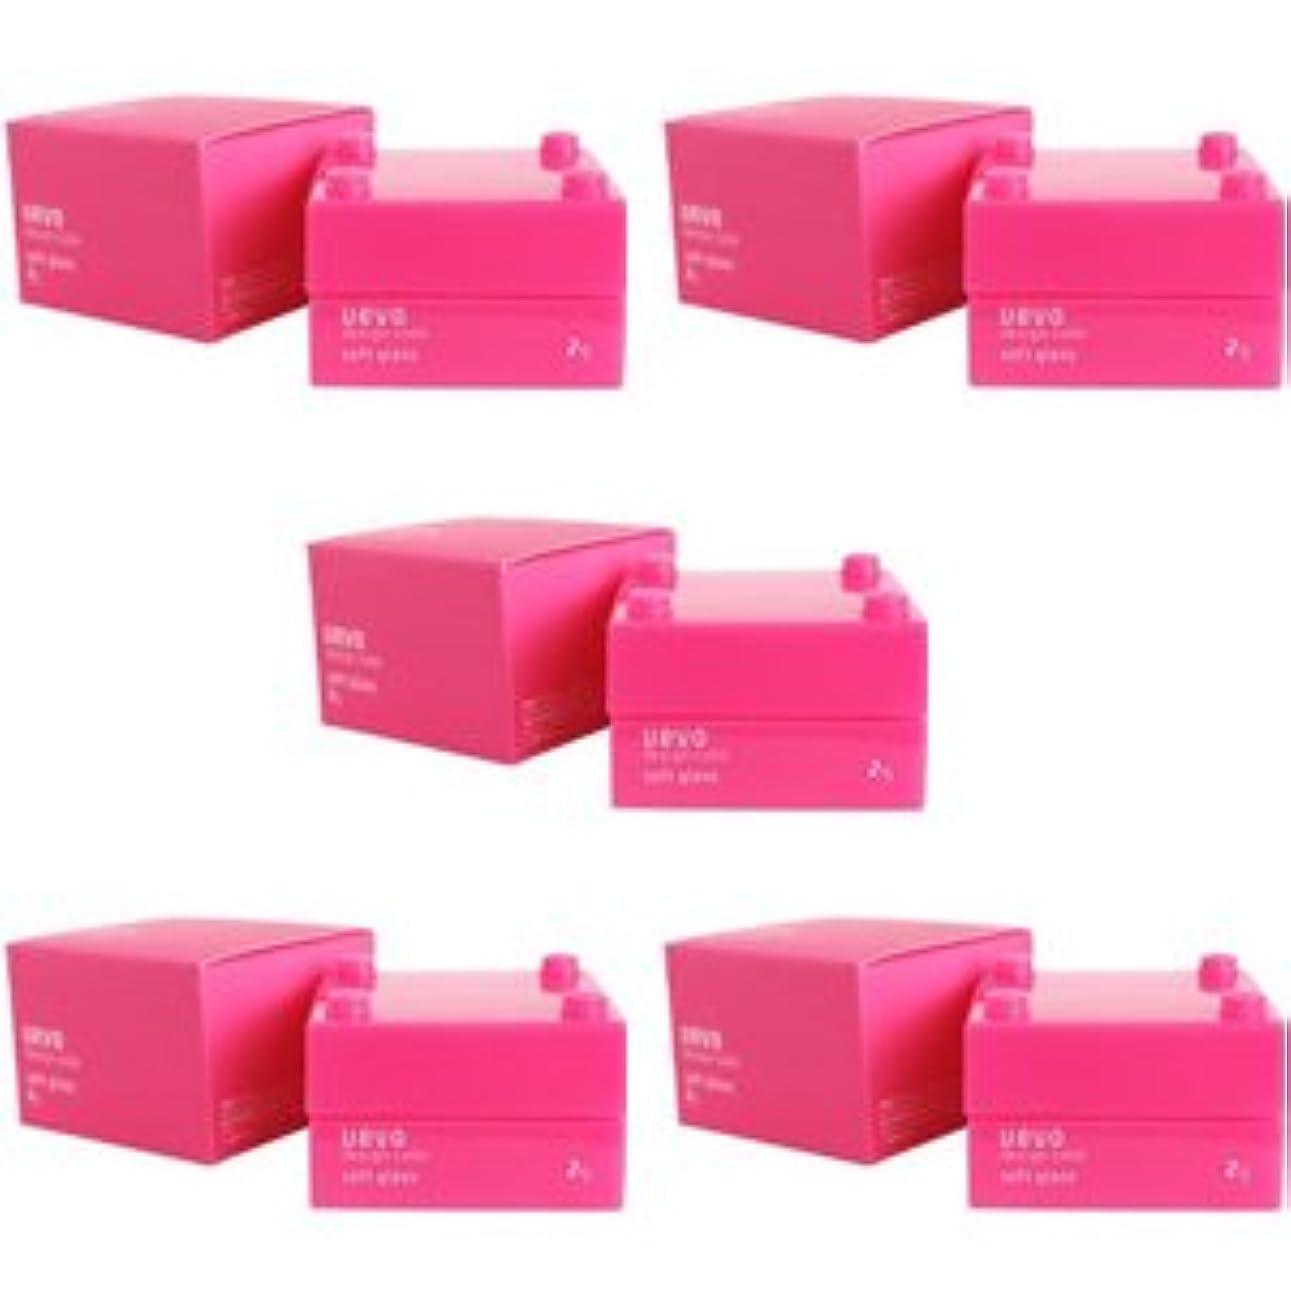 静かな過去薬理学【X5個セット】 デミ ウェーボ デザインキューブ ソフトグロス 30g soft gloss DEMI uevo design cube